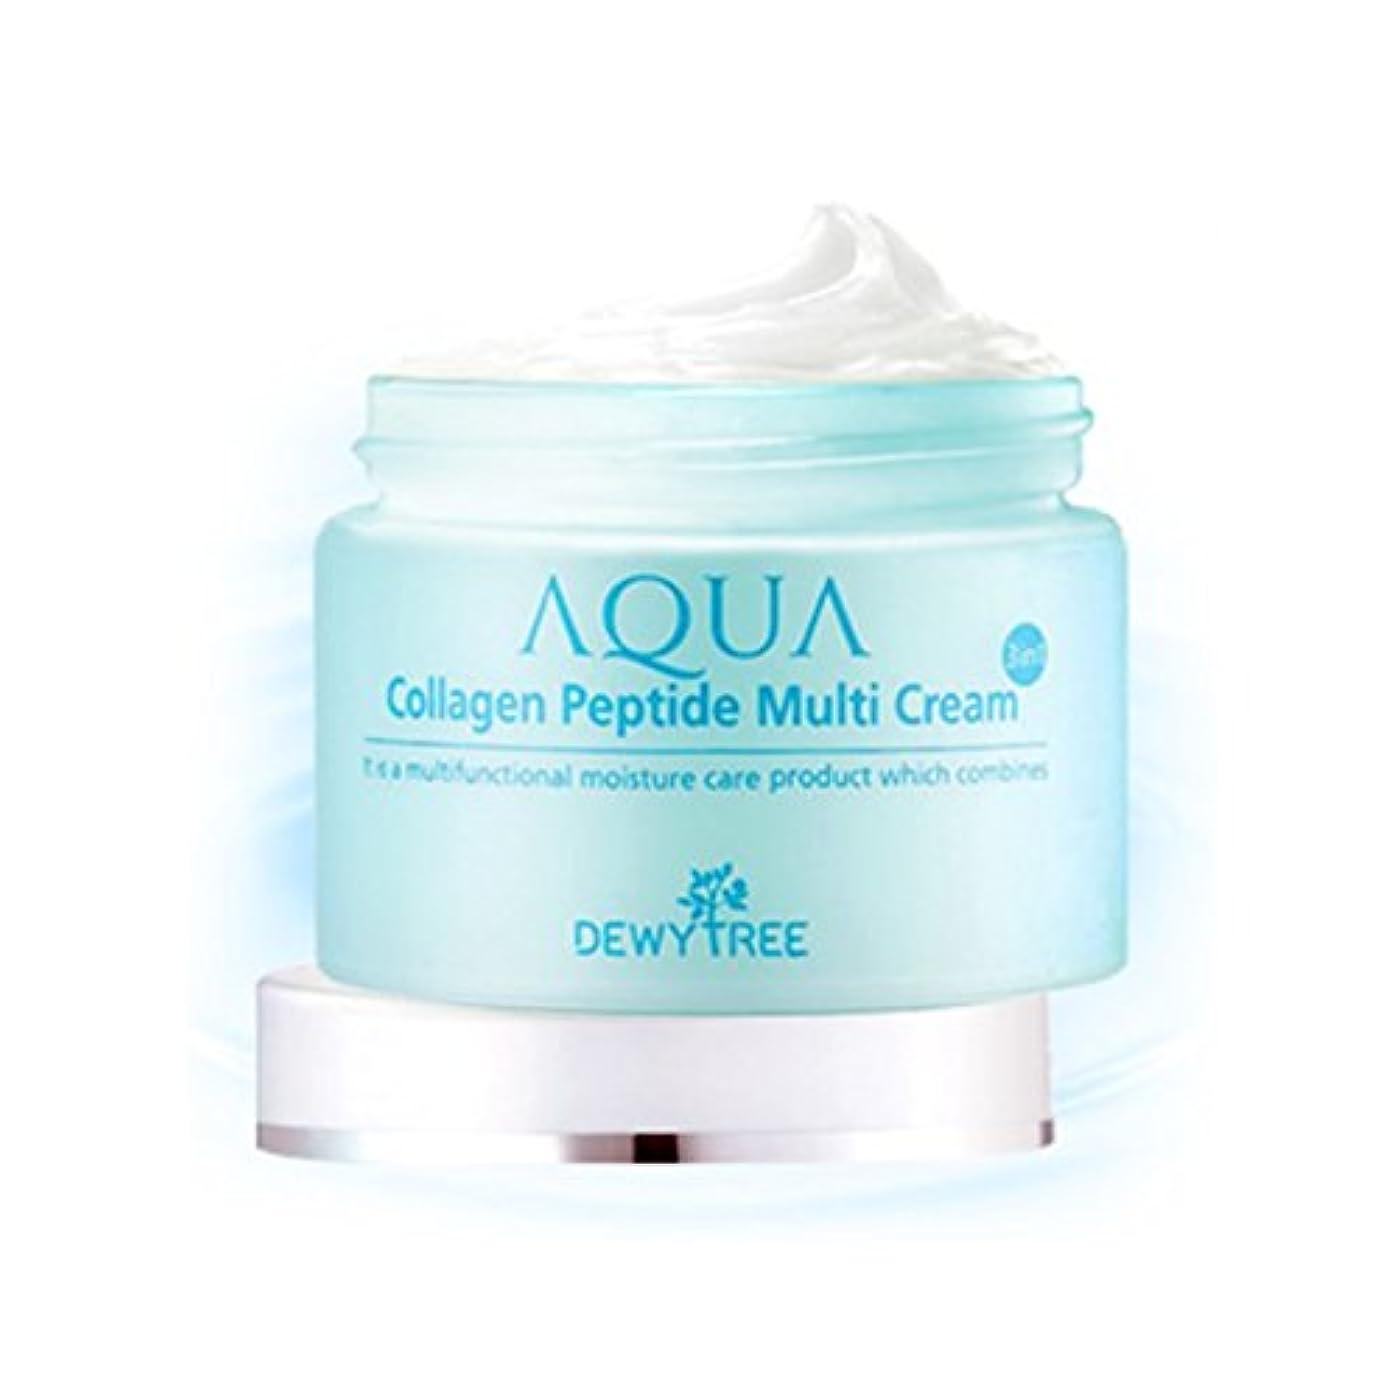 国歌サーキットに行く留め金[Dewytree] デュイトゥリー アクアコラーゲン ペプチド マルチクリーム Aqua Collagen Peptide Multi Cream (50ml) / [並行輸入品]